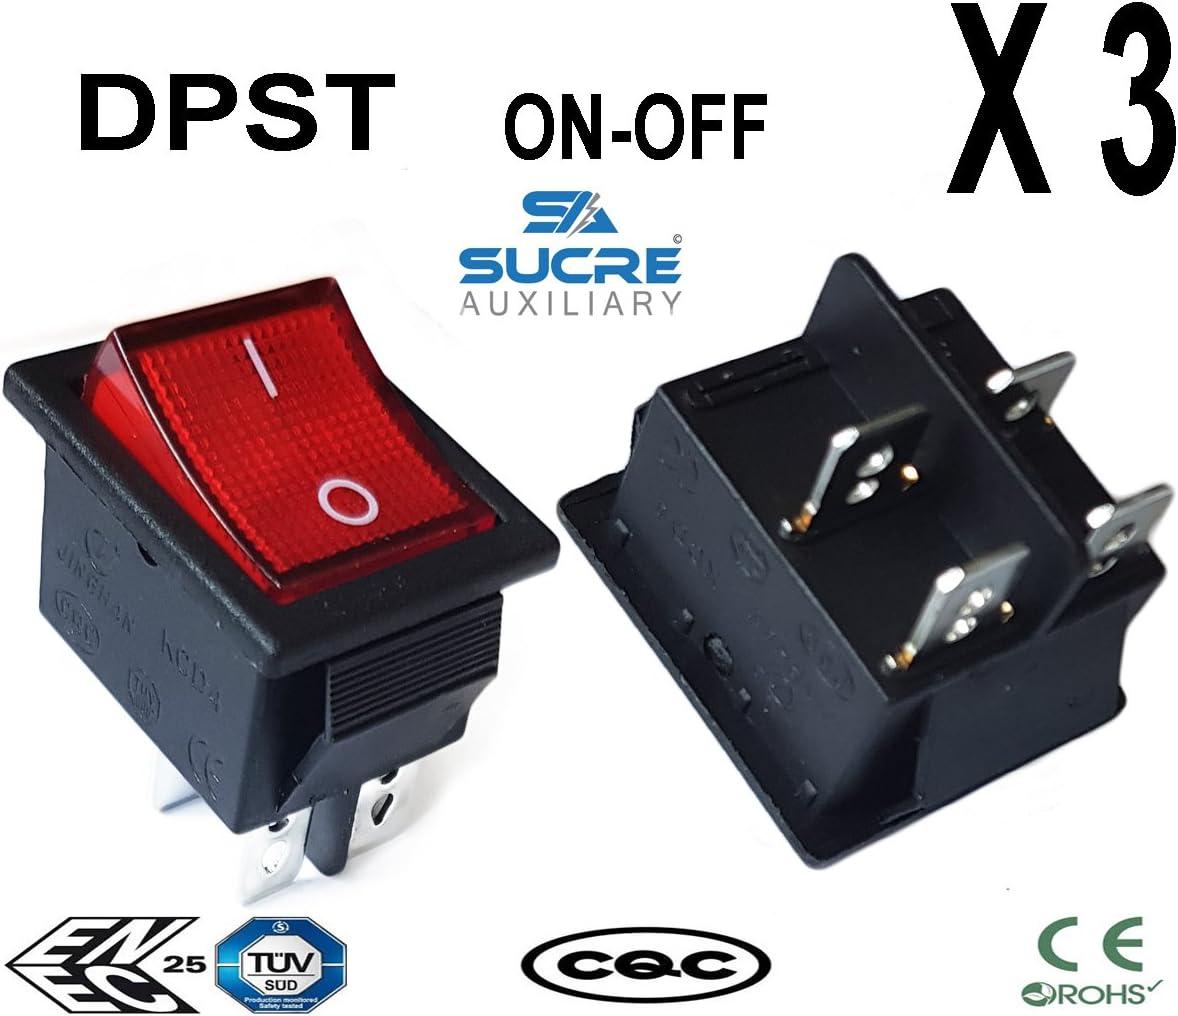 16 A 250 VAC redondo rectangular cuadrado interruptor basculante interruptor coche veh/ículo barco salpicadero interruptores